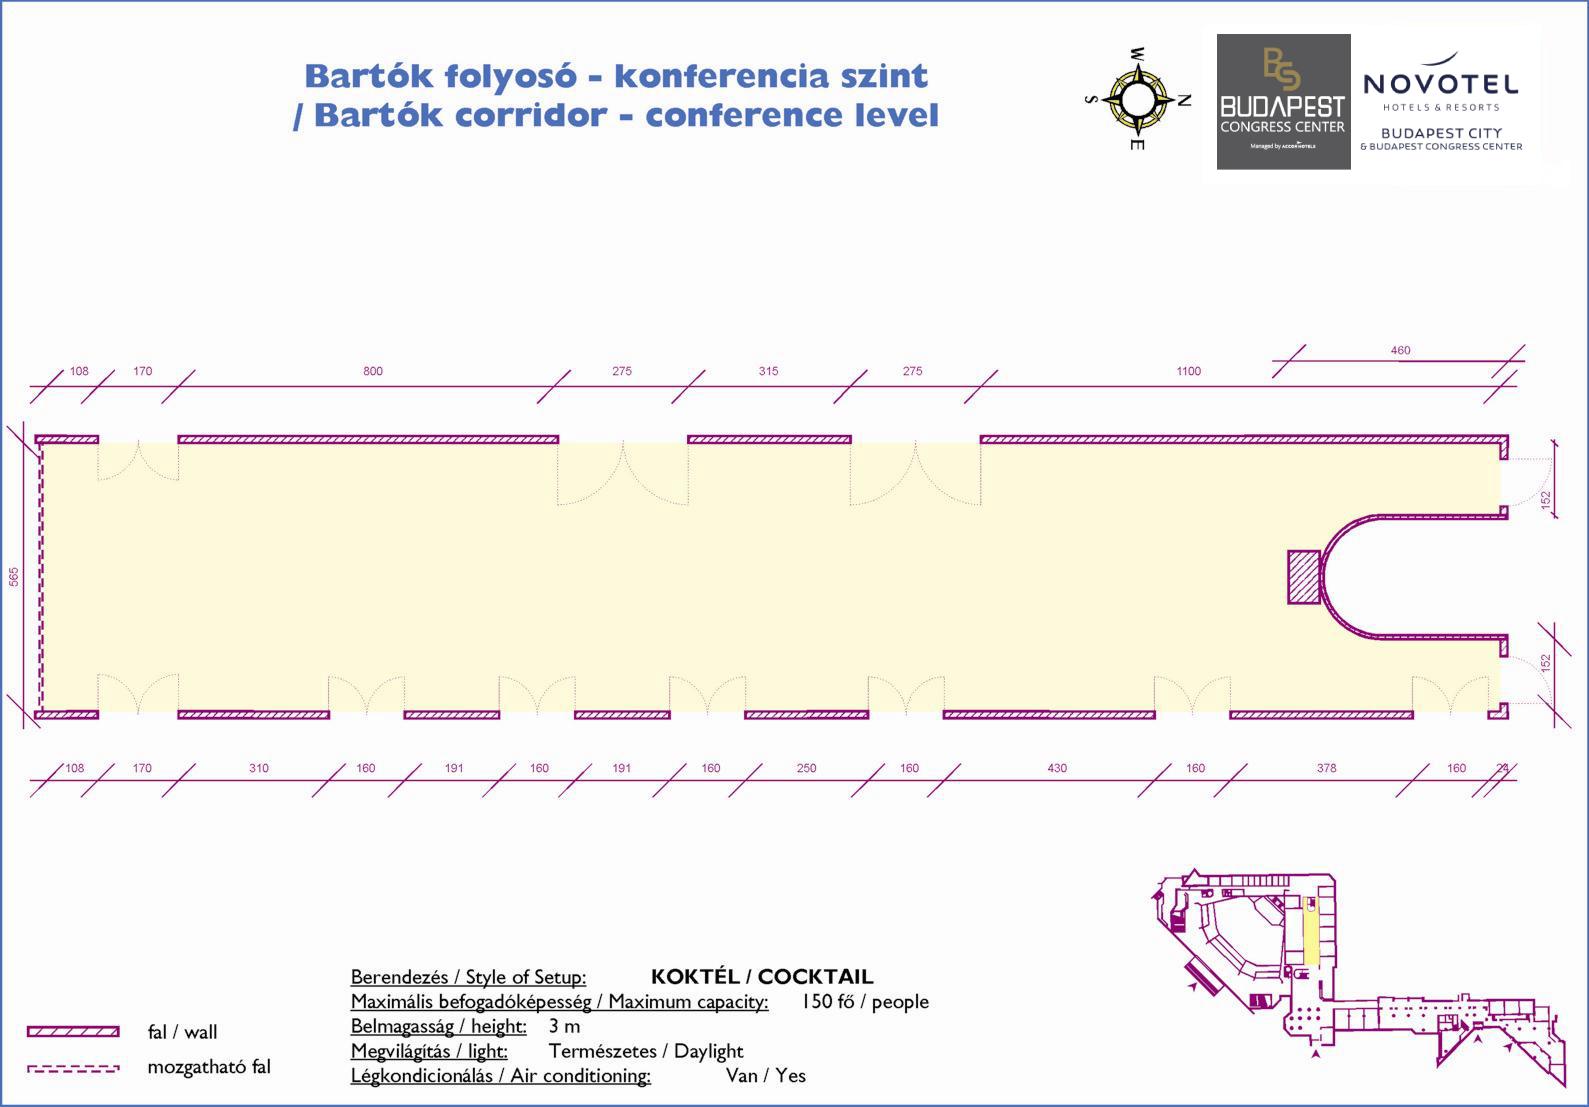 Bartók Corridor